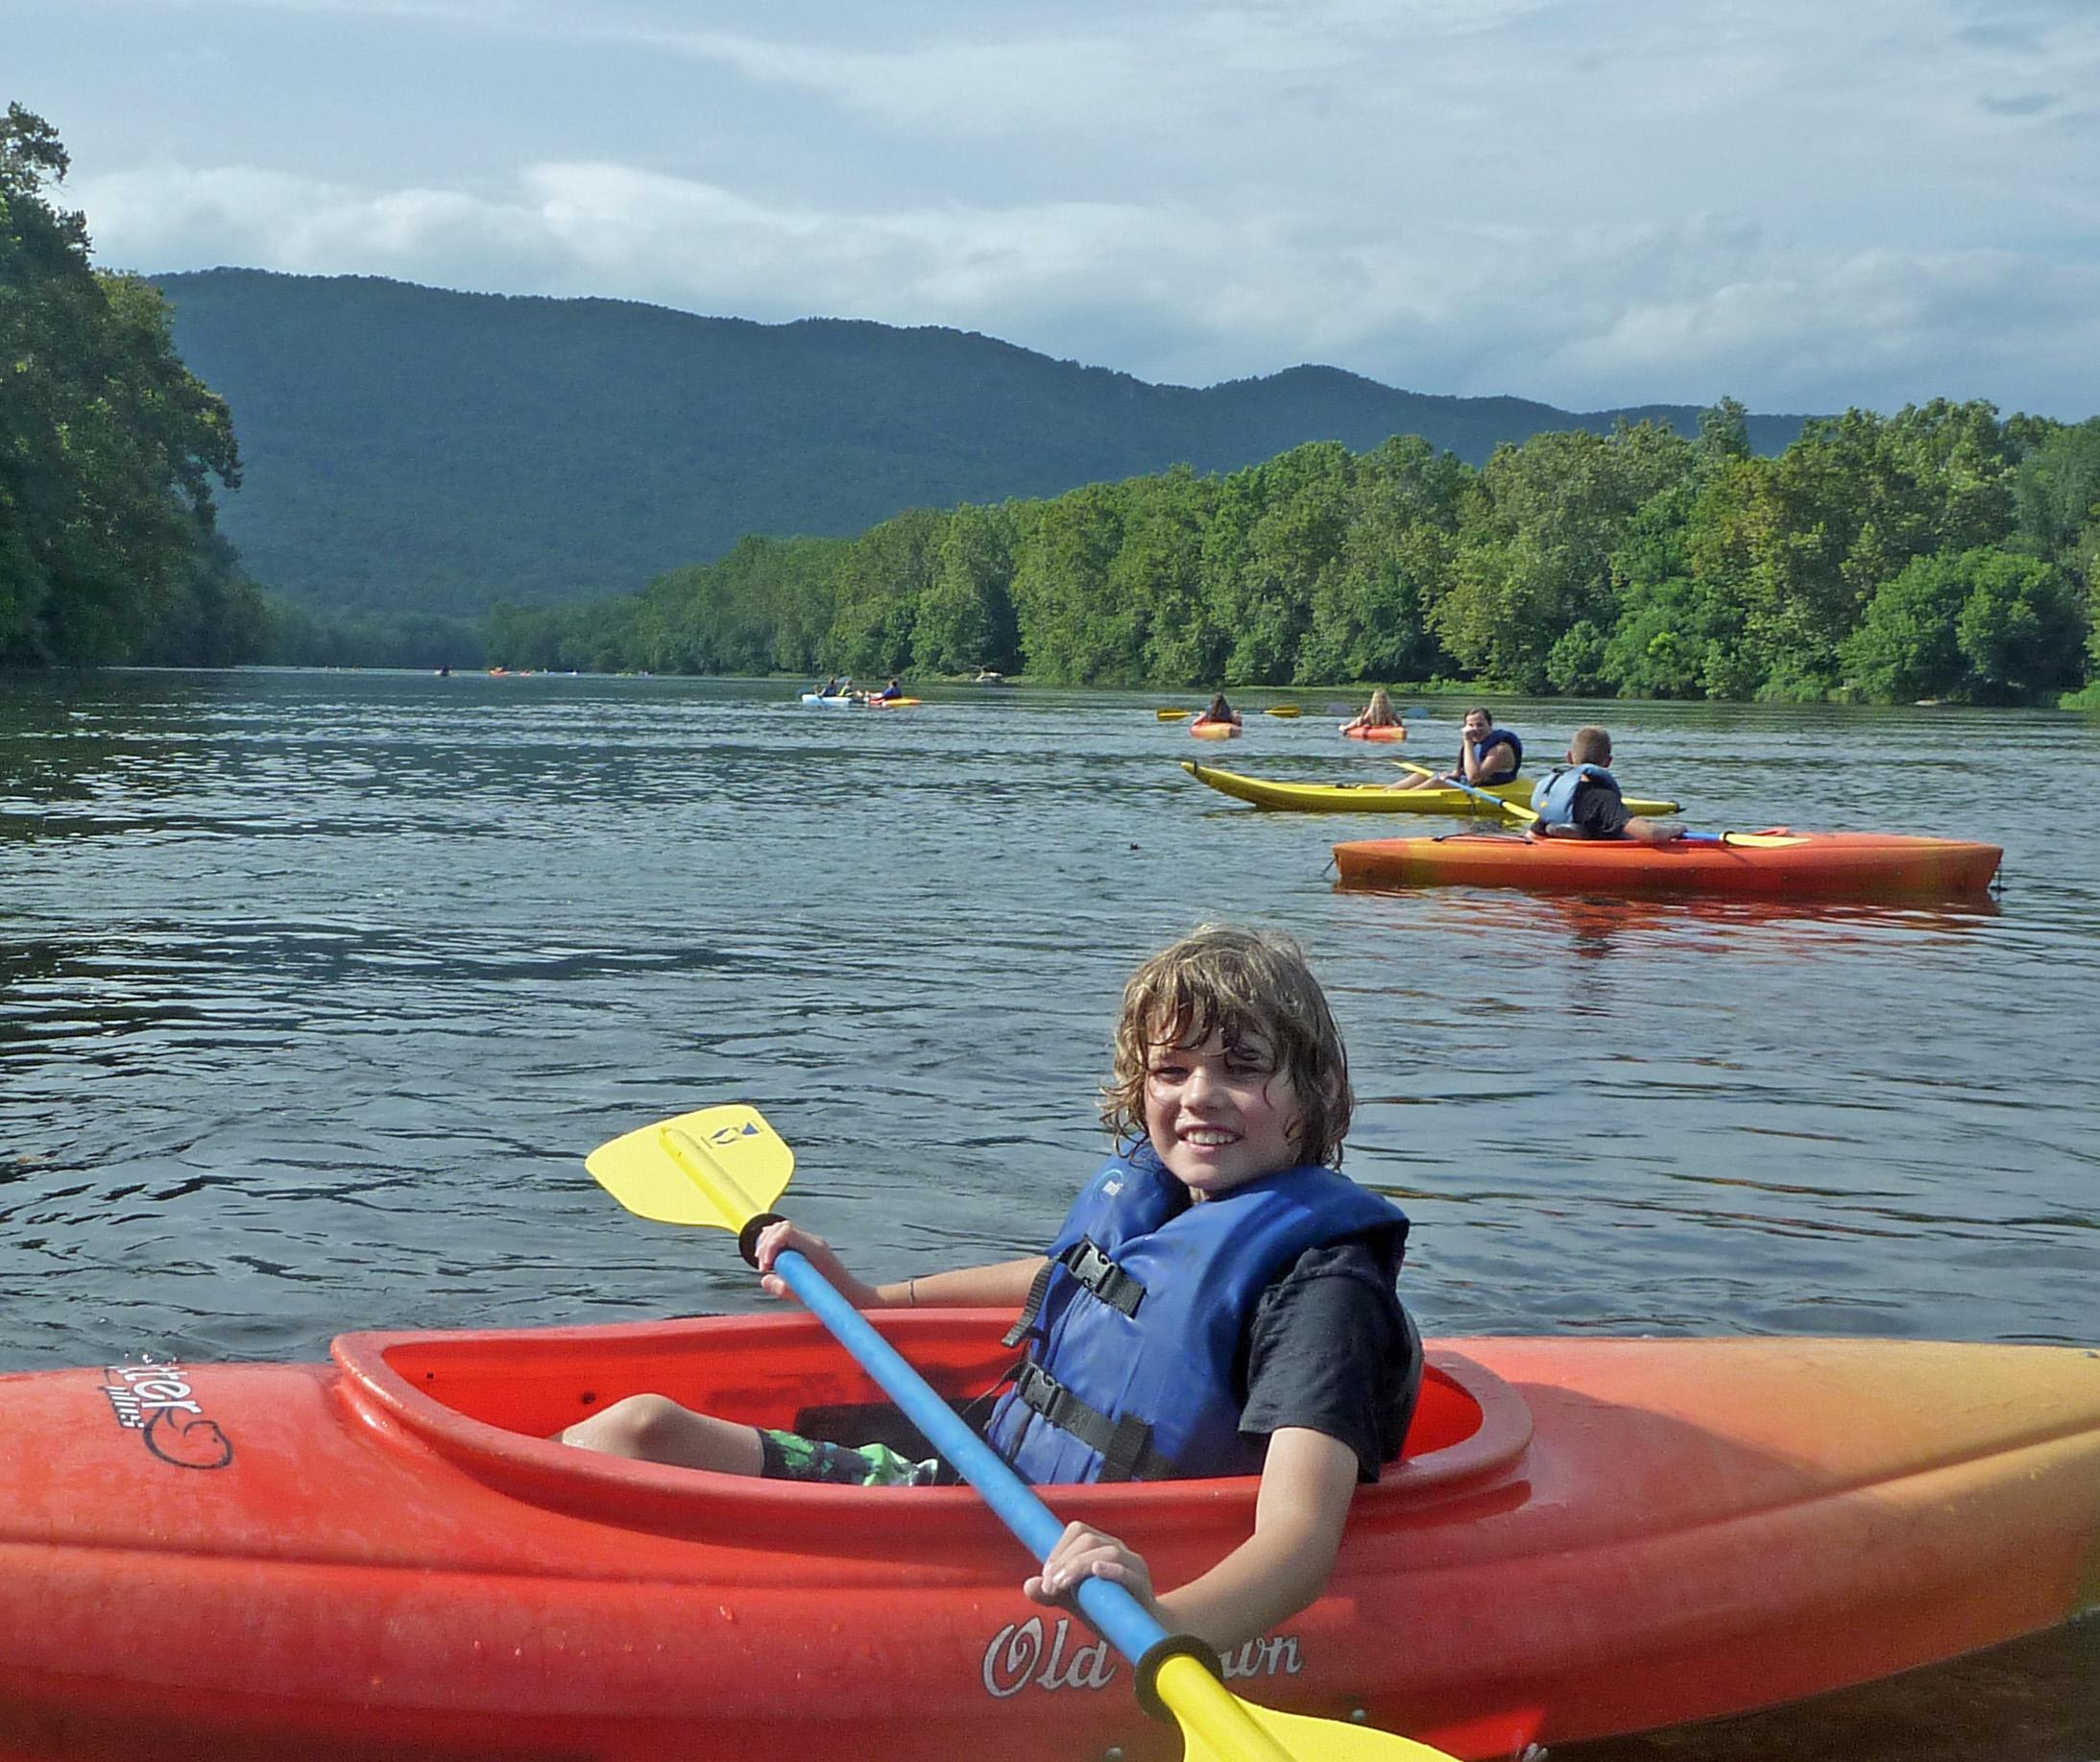 Kayaking Canoe Kayak Tubing Camp The Shenandoah River